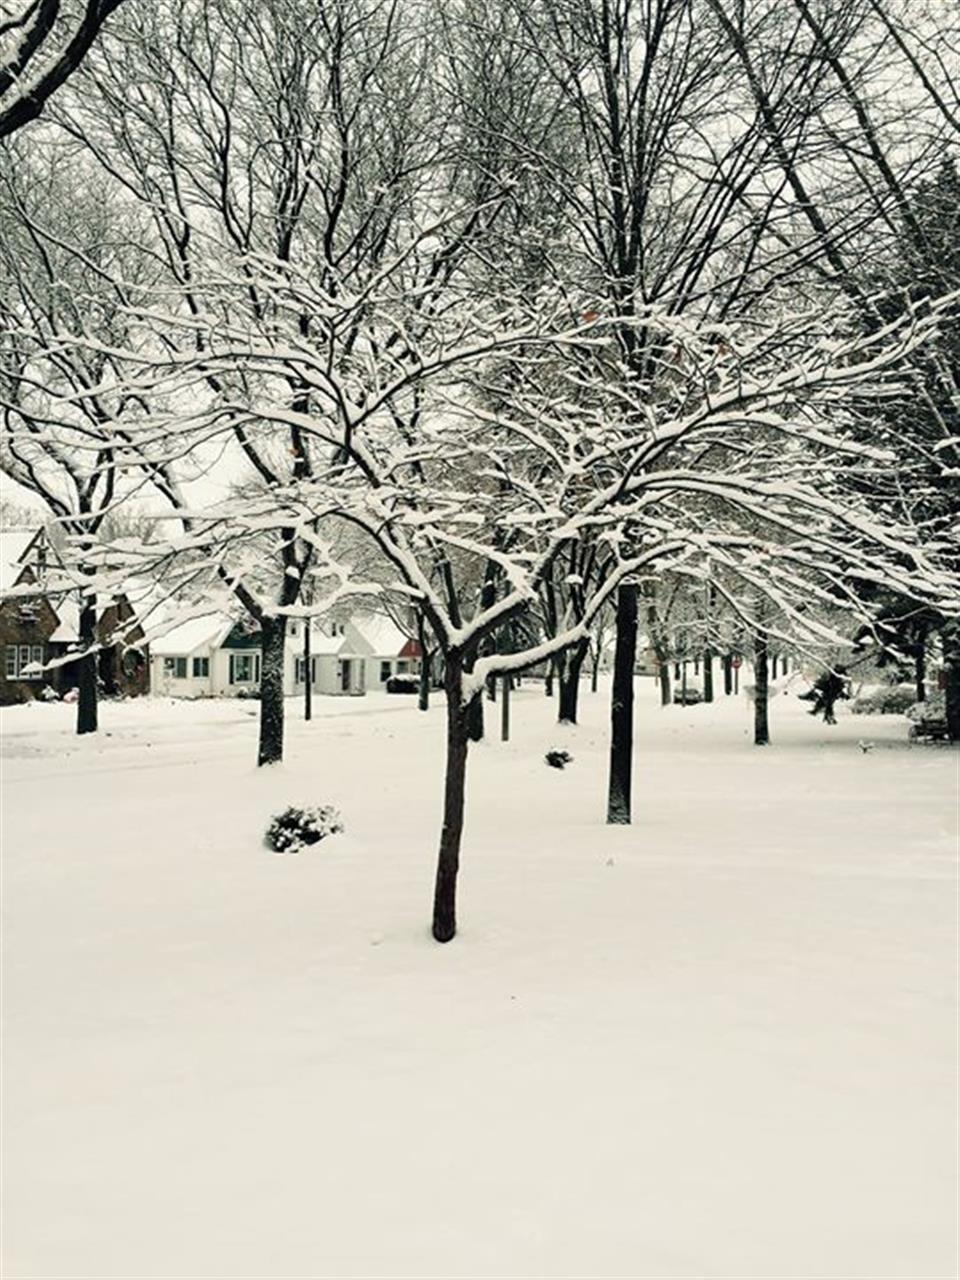 Coopers Park neighborhood, Milwaukee WI